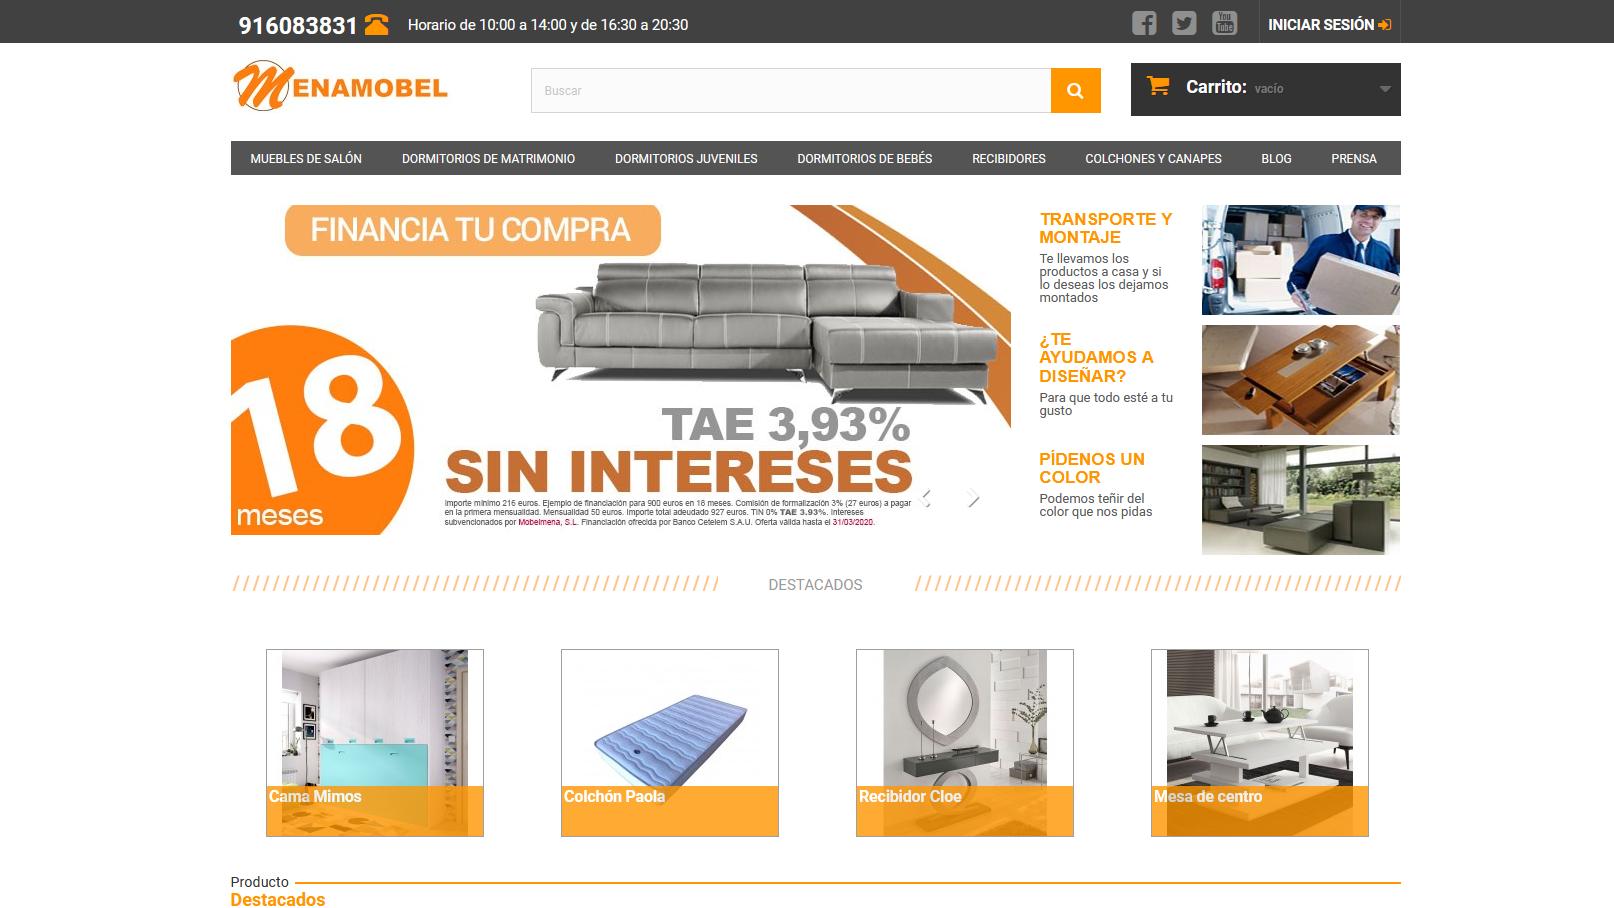 Menamobel revela las 10 ventajas de comprar muebles online